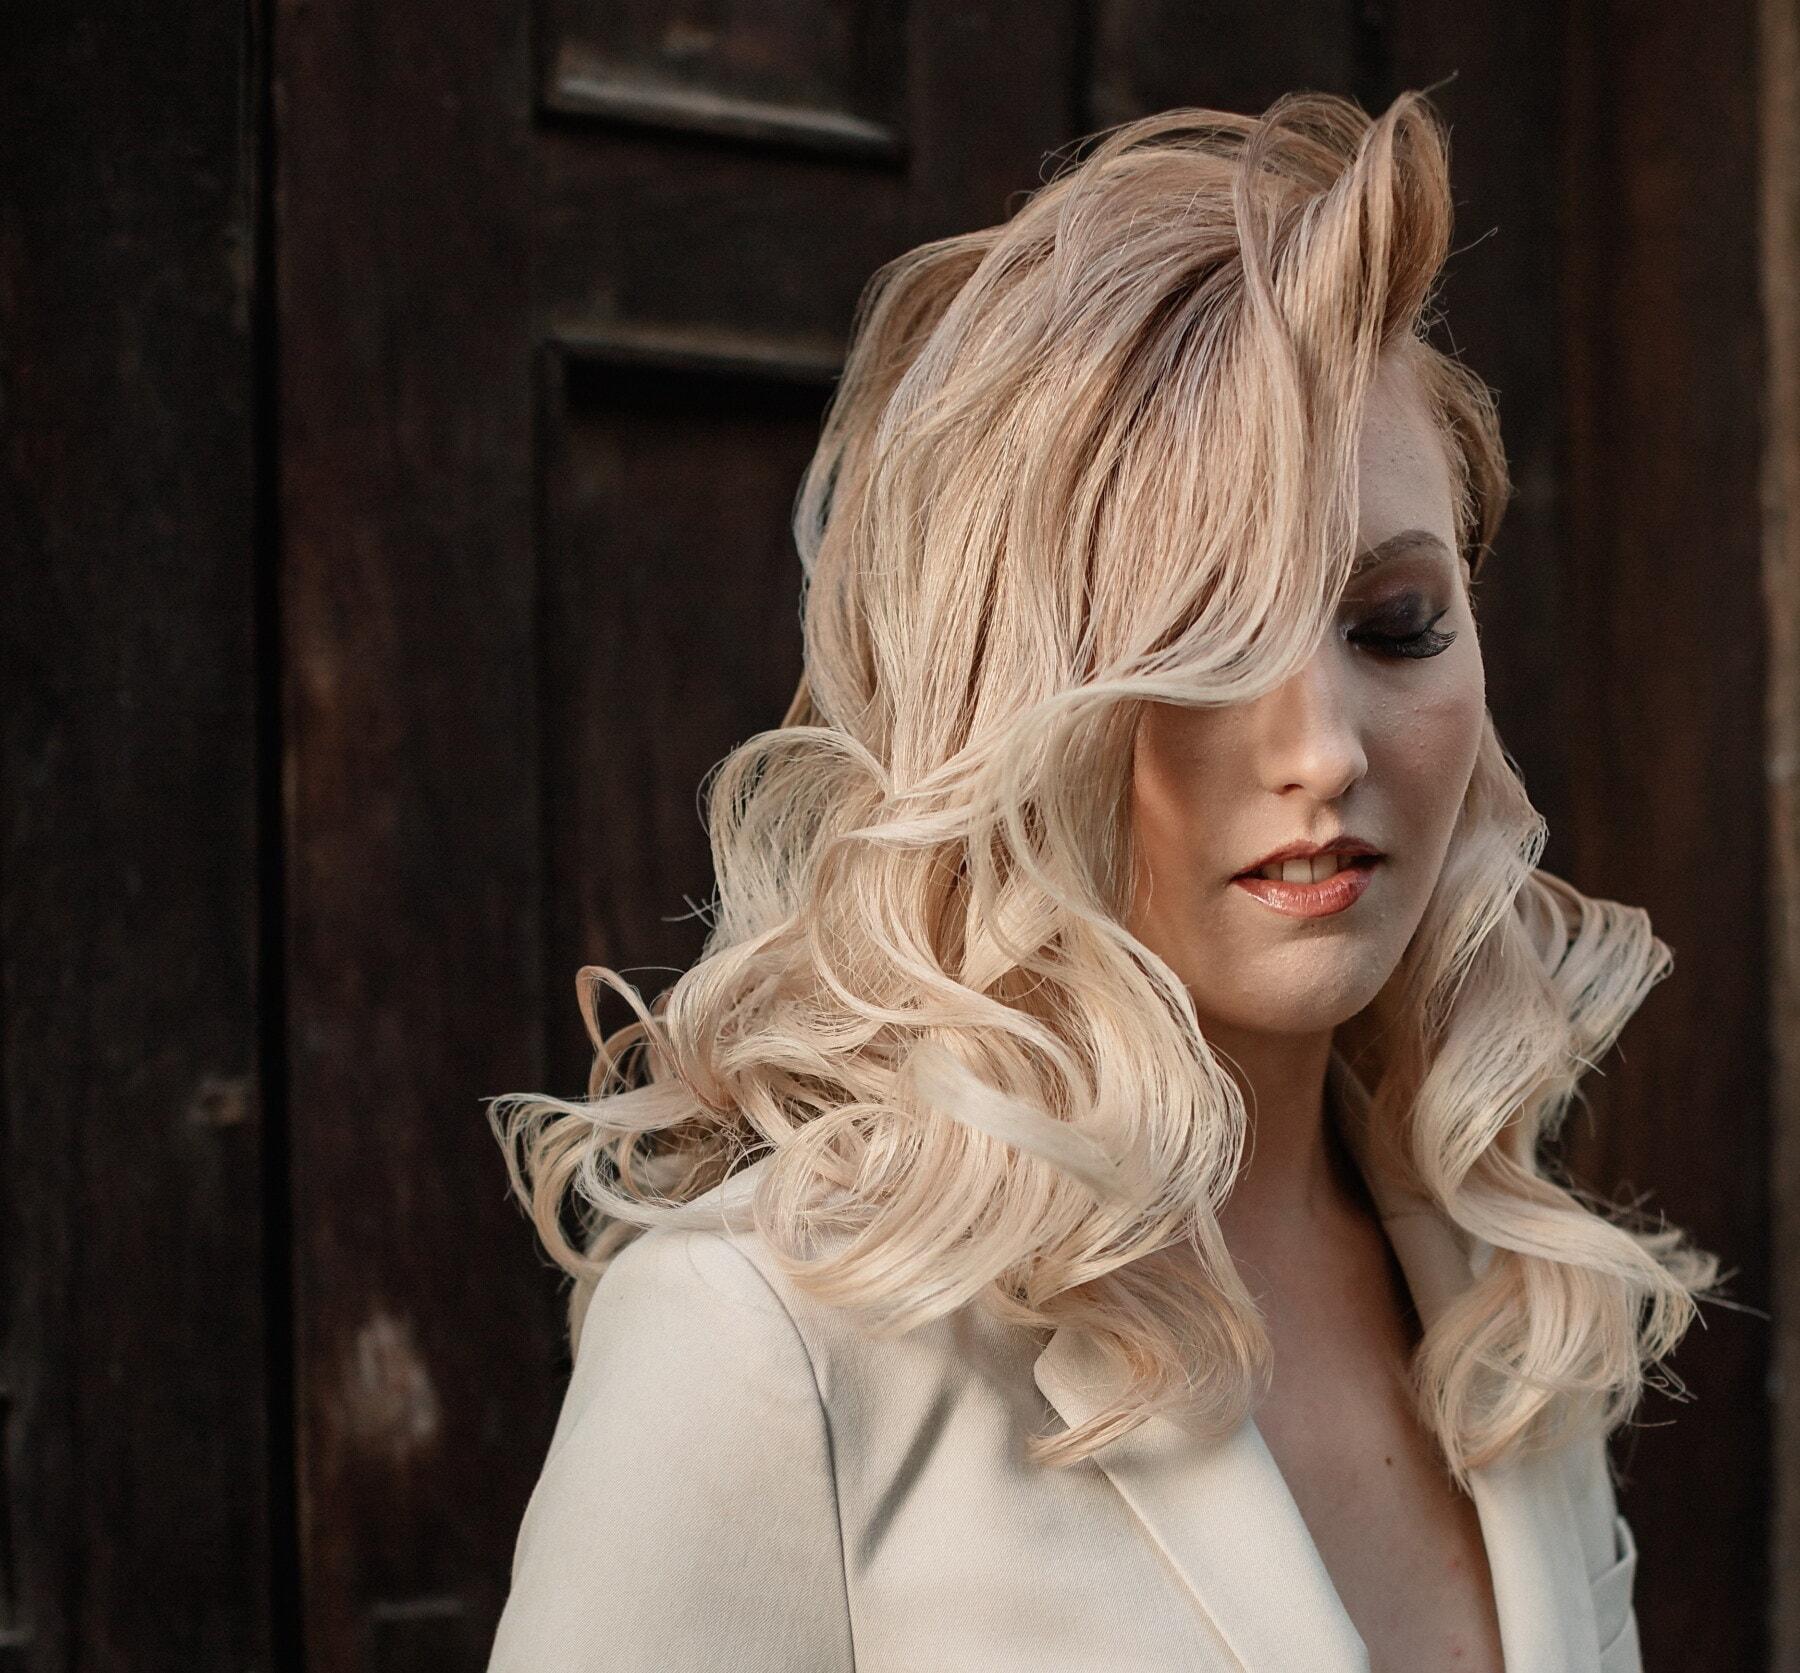 dame, pense que, émotion, Jolie fille, magnifique, jeune femme, posant, femme, charme, blonde